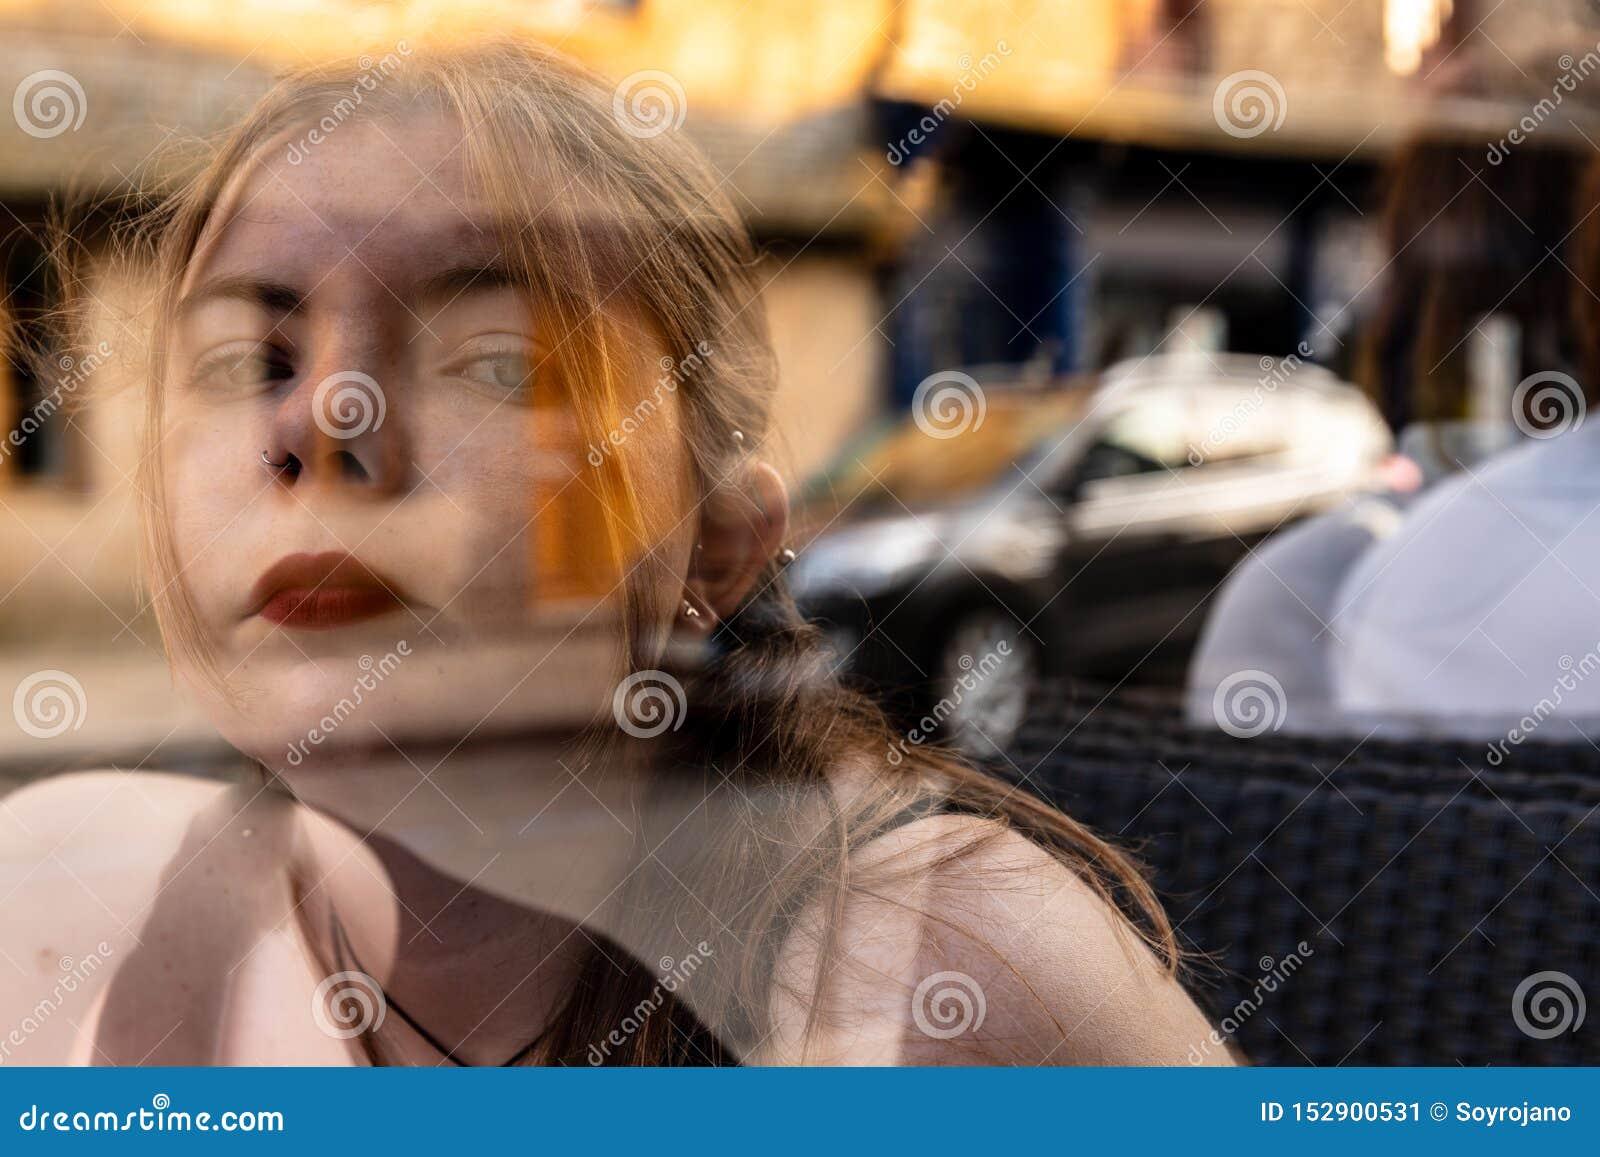 Exposición doble de la escena surrealista transparente de la muchacha